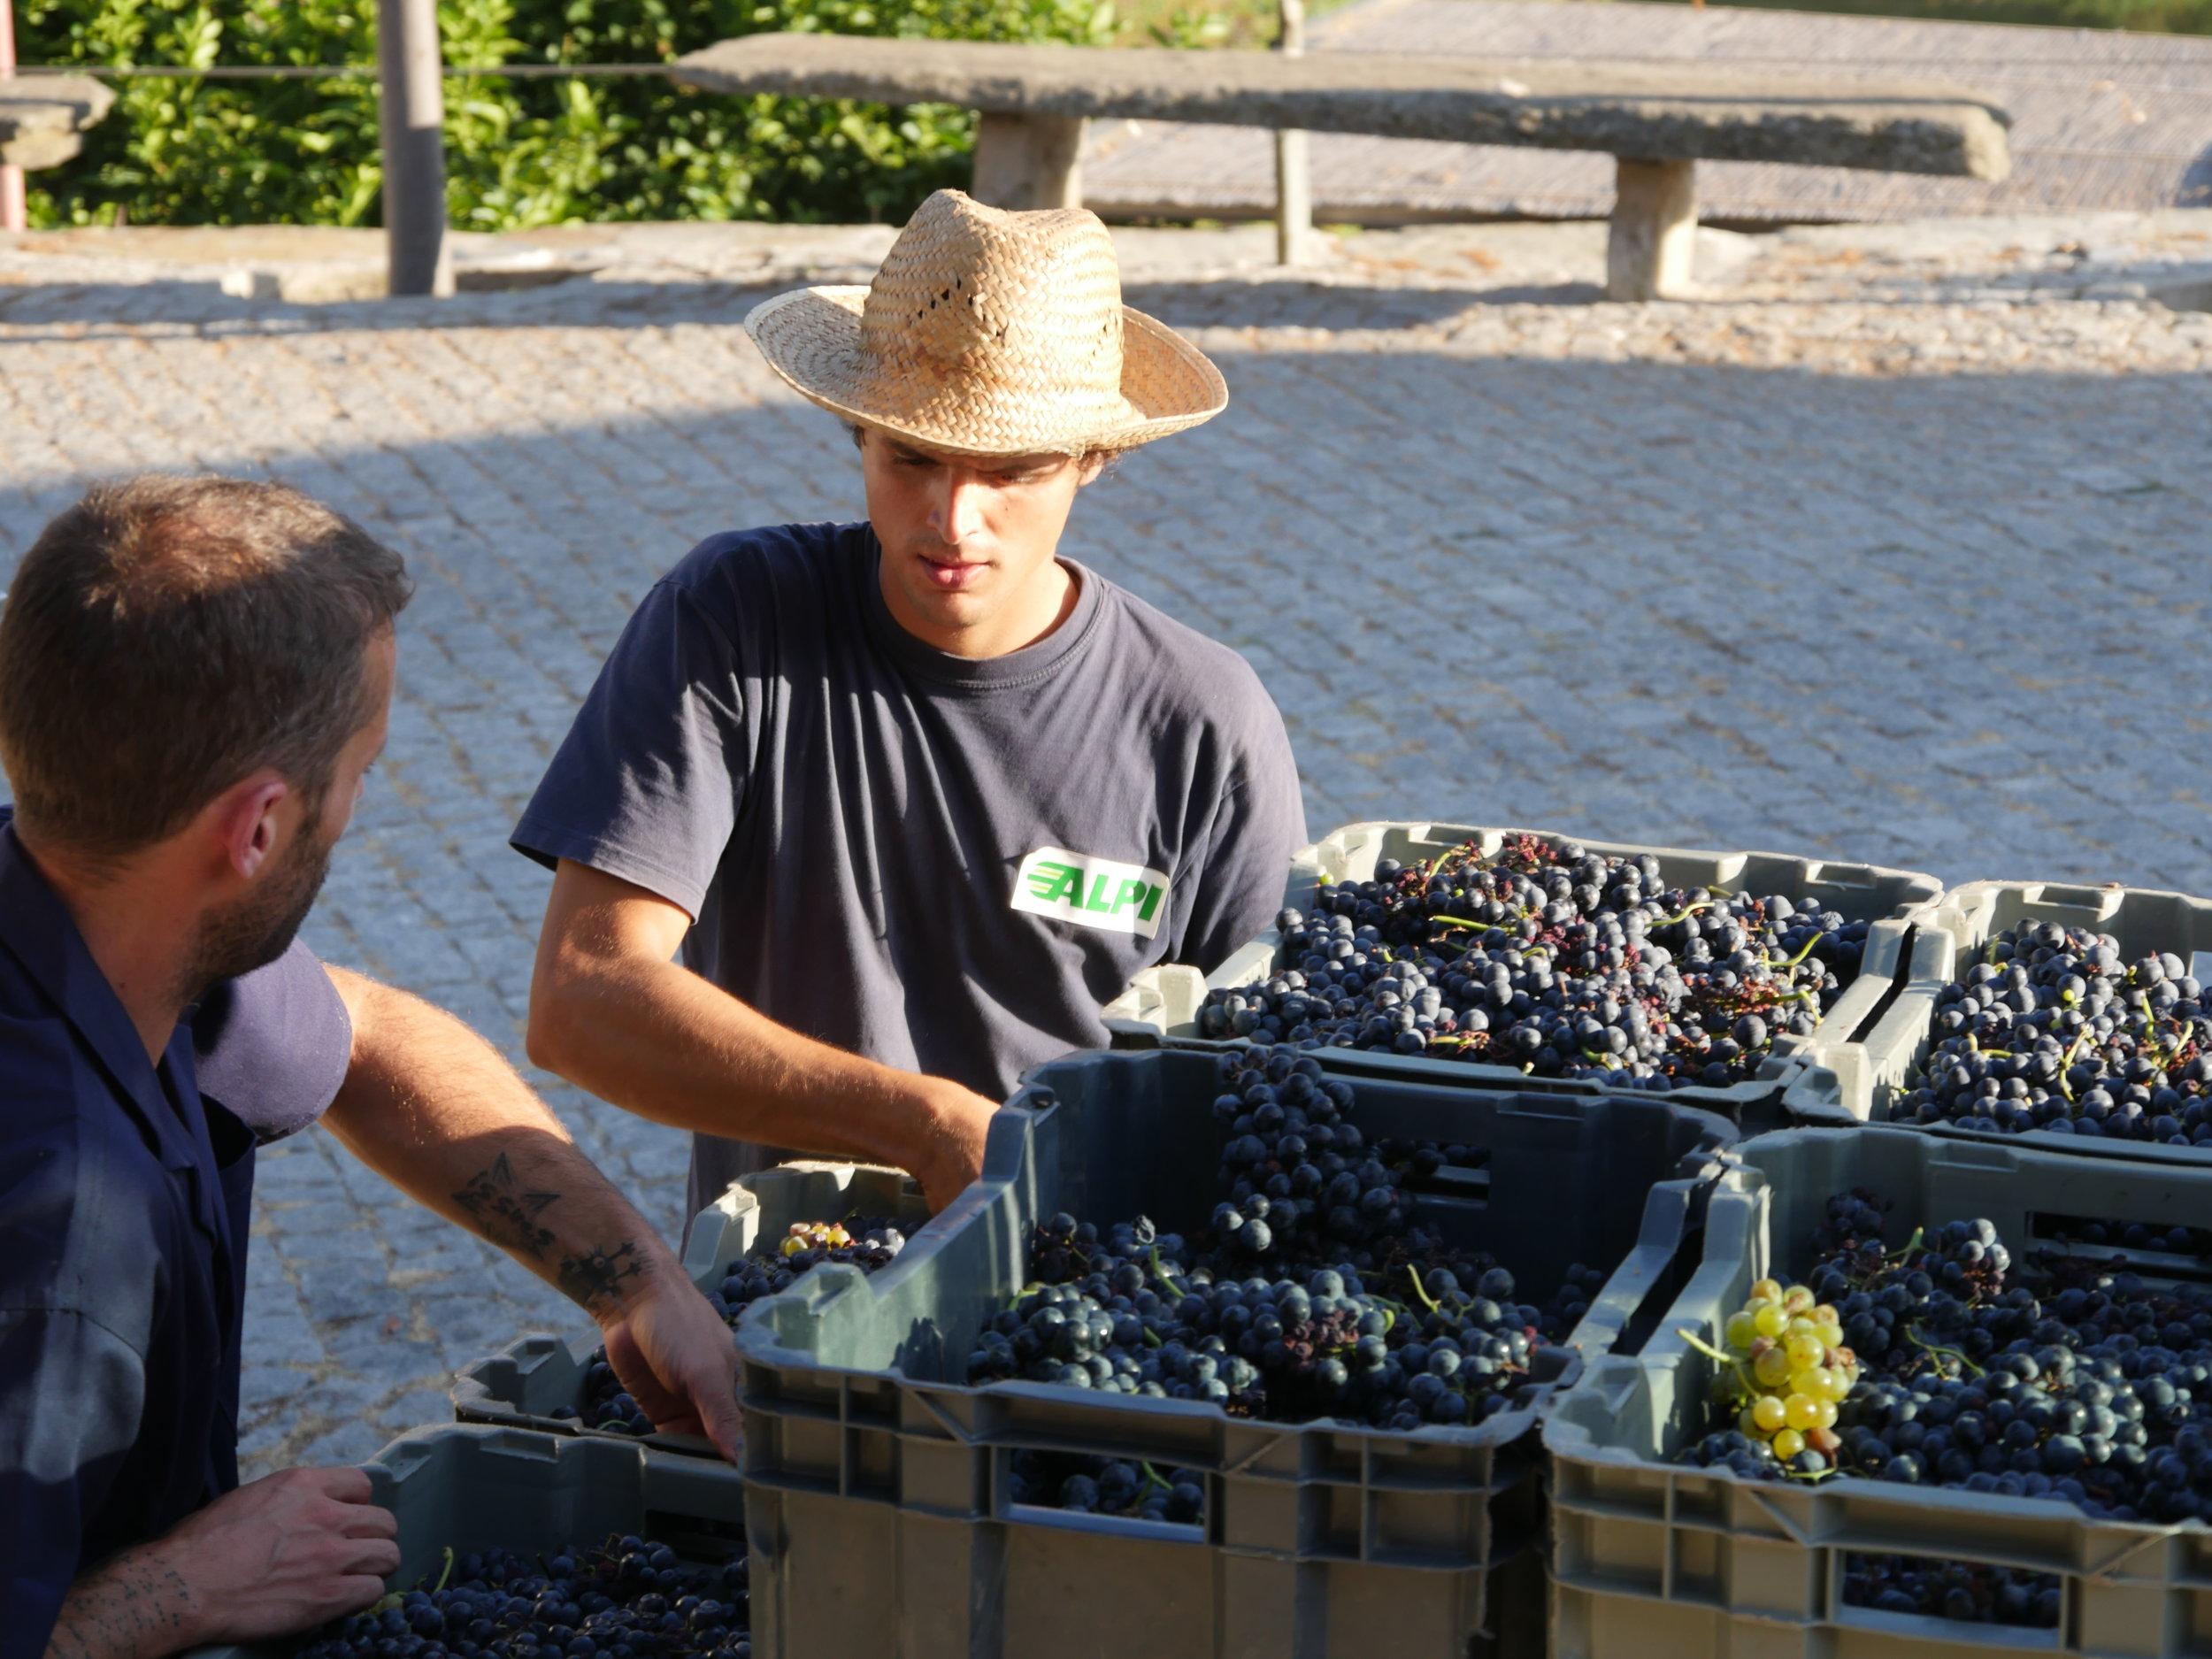 Le déchargement et le tri commencent, notez 1 grappe de raisin blanc.